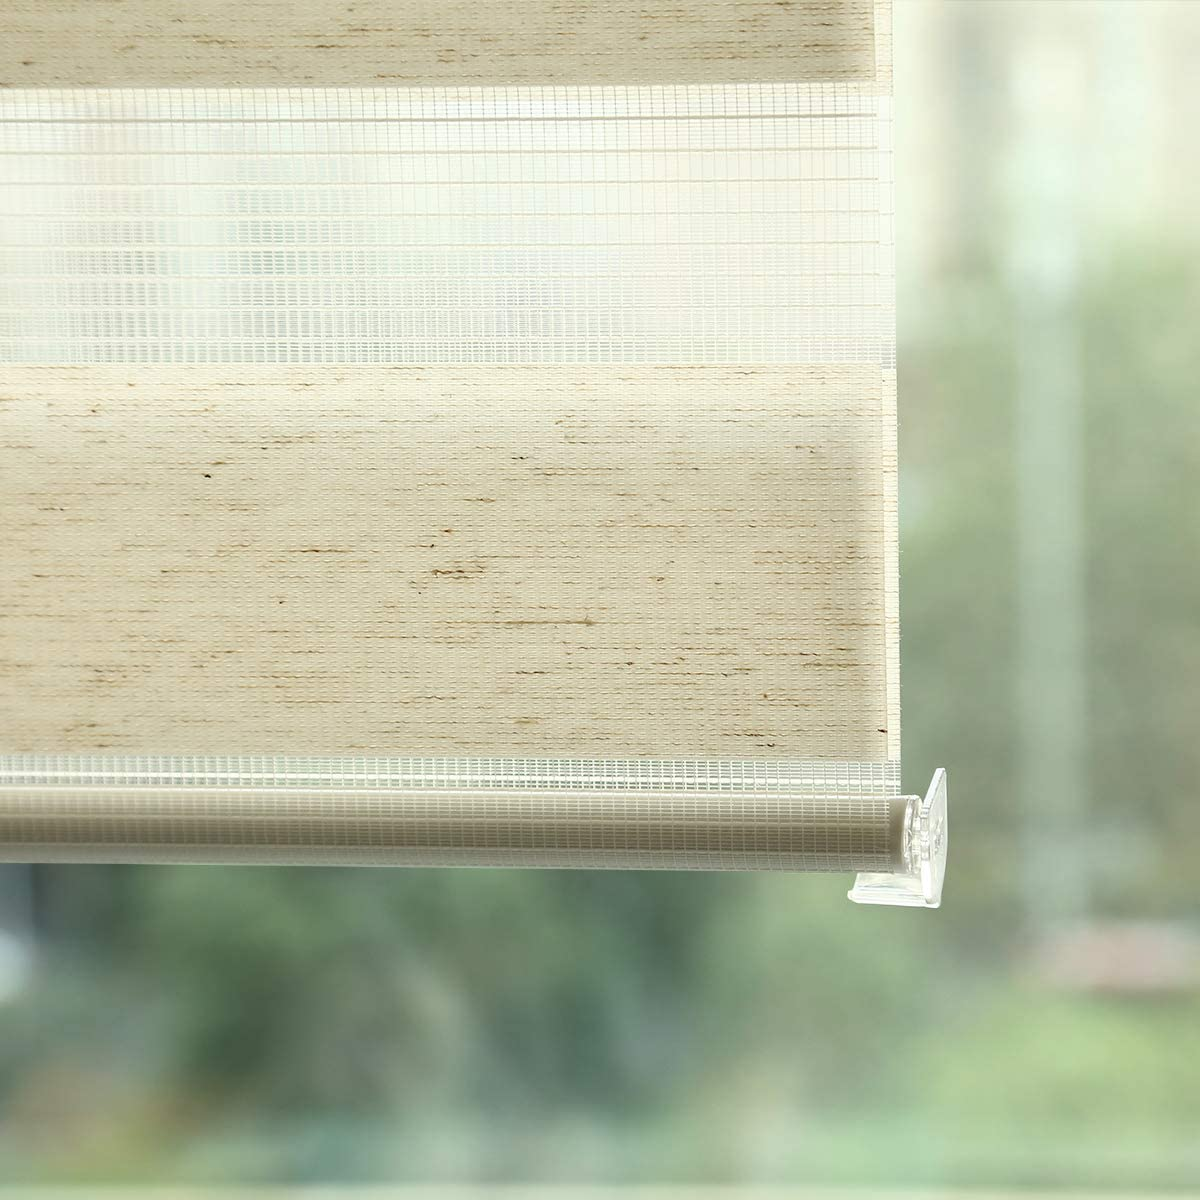 Grandekor Stores Jour Nuit sans Percage Tissu Double Rideau Occultants Fenetre Interieur Klemmfix Opaque et Tamisant Moderne pour Cuisine Bureau Chambre Bande Lin 40x150cm